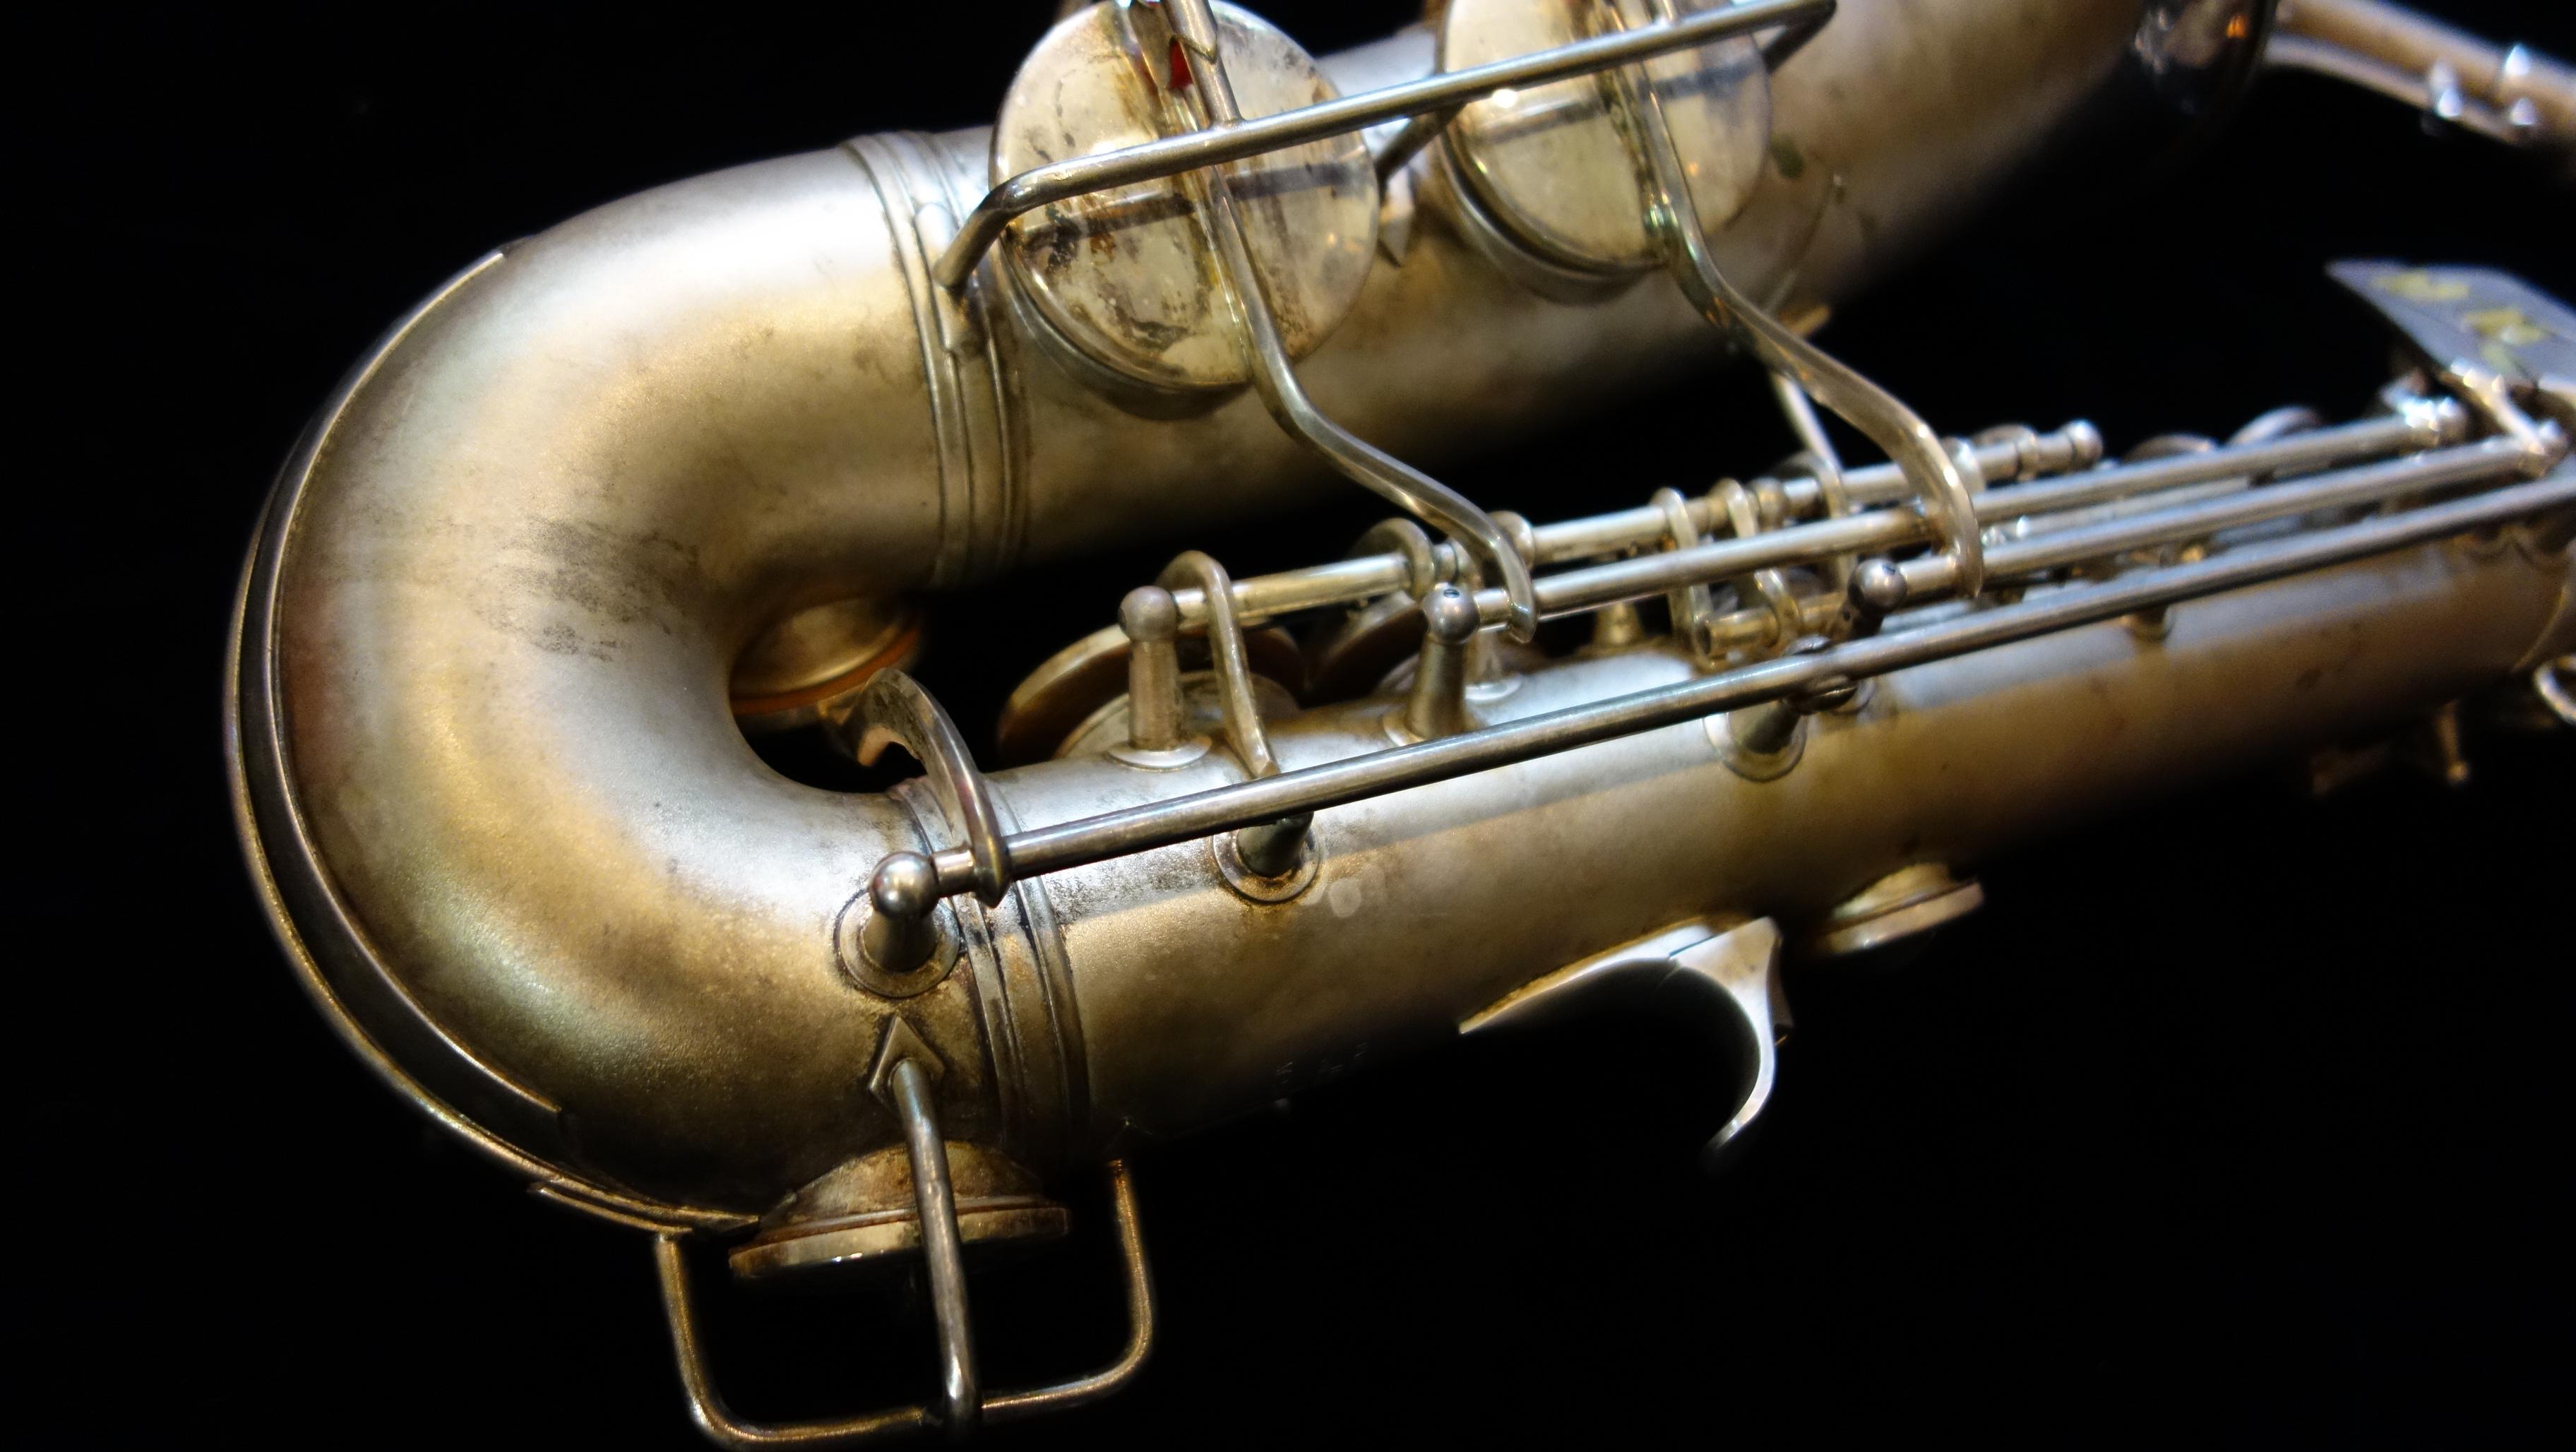 Dating conn saxophones vintage 5